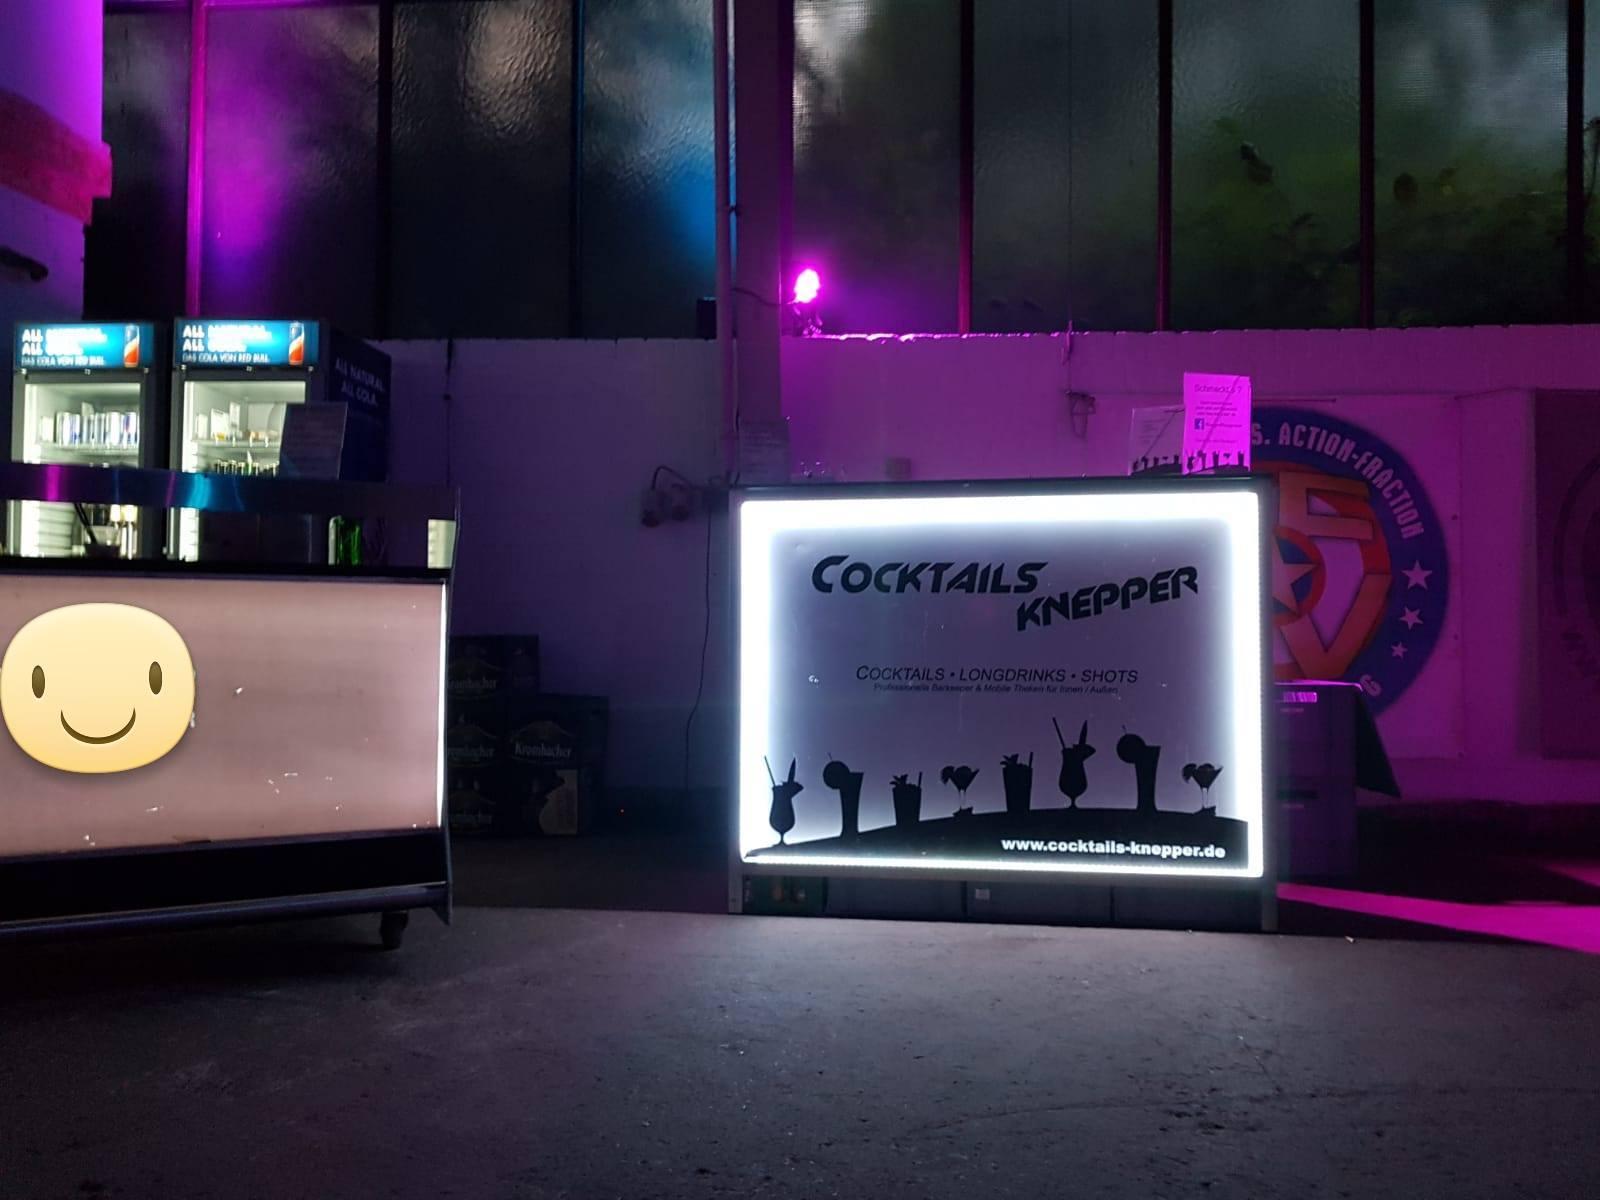 Cocktails Knepper - mobile Cocktailbar in Wattenscheid - Zusammen mit der Partyfraktion (1)